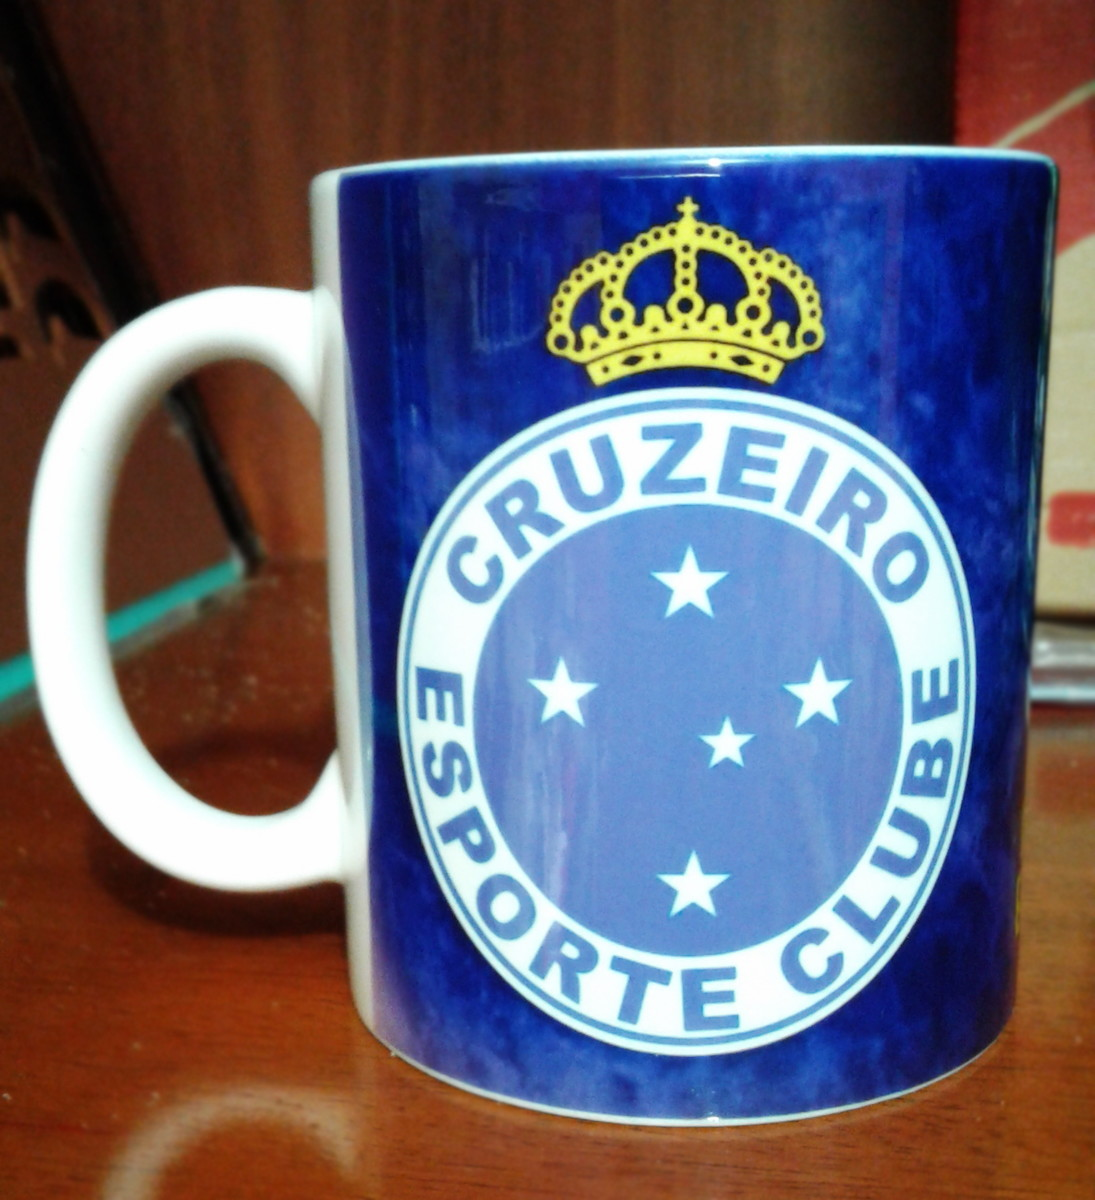 532fa548894d7 Caneca Cruzeiro Esporte Clube com nome Raposa no Elo7